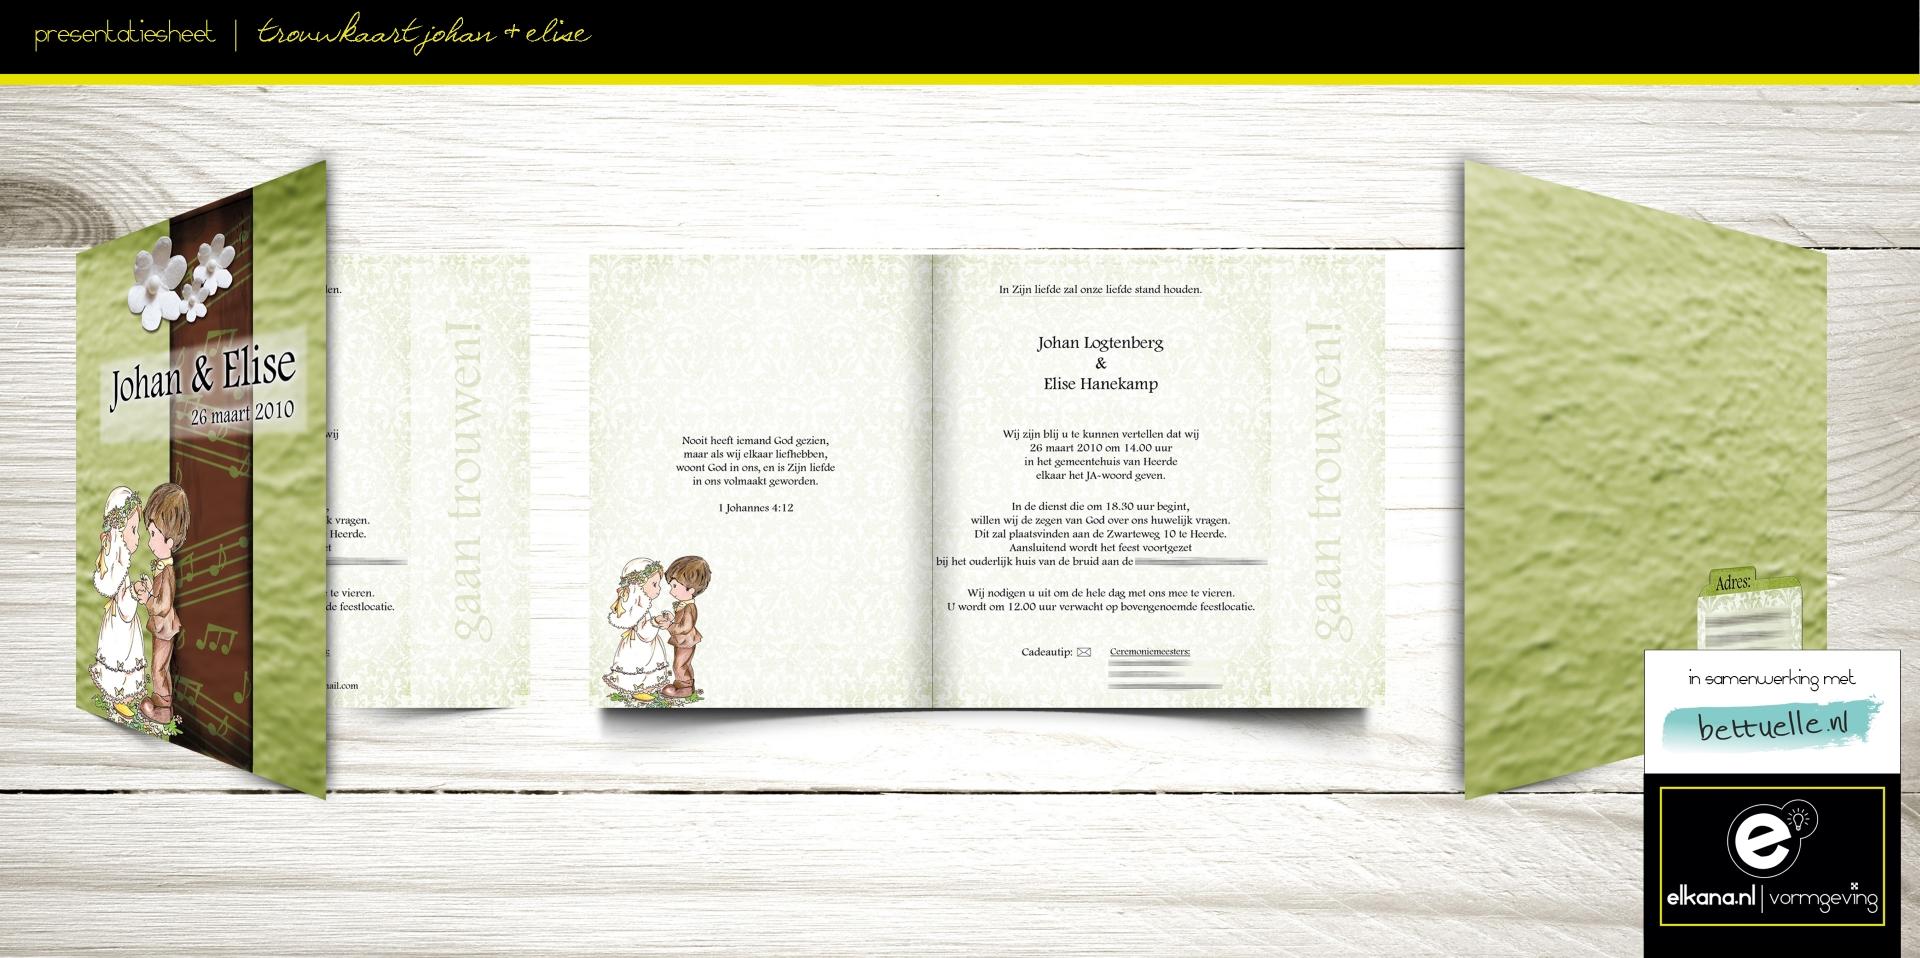 Trouwkaart Johan & Elise – Bettuelle